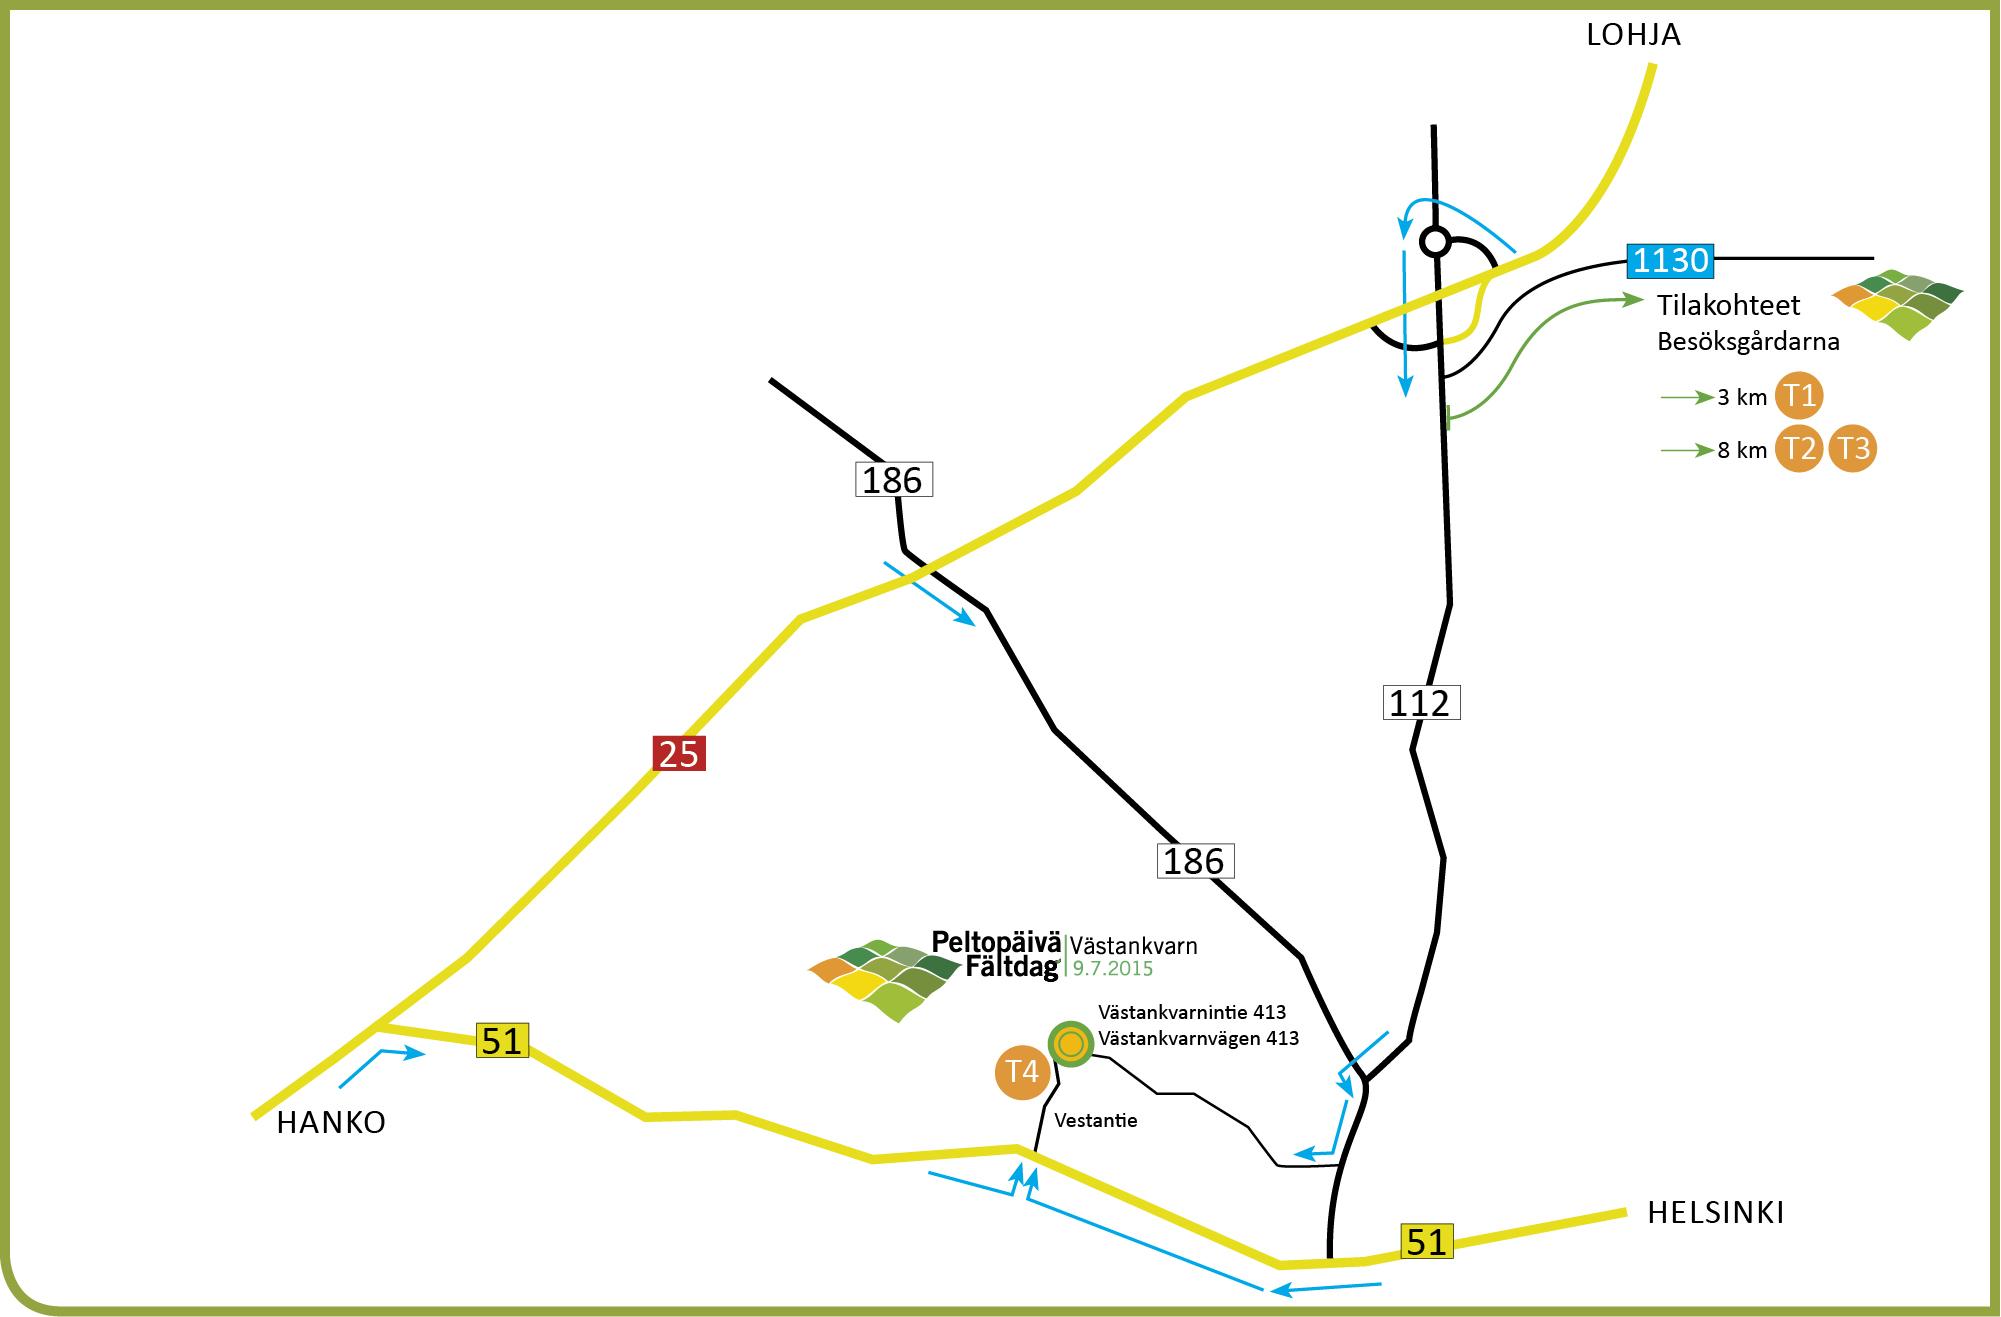 T1–T4 Tilakohteet  T1 Postiksen tila, Postis 16, Siuntio T2 Malmgård Sjundeå, Malmintie 307, Siuntio T3 Flythin tila, Solbergvägen 986, Inkoo T4 Västankvarnin tila